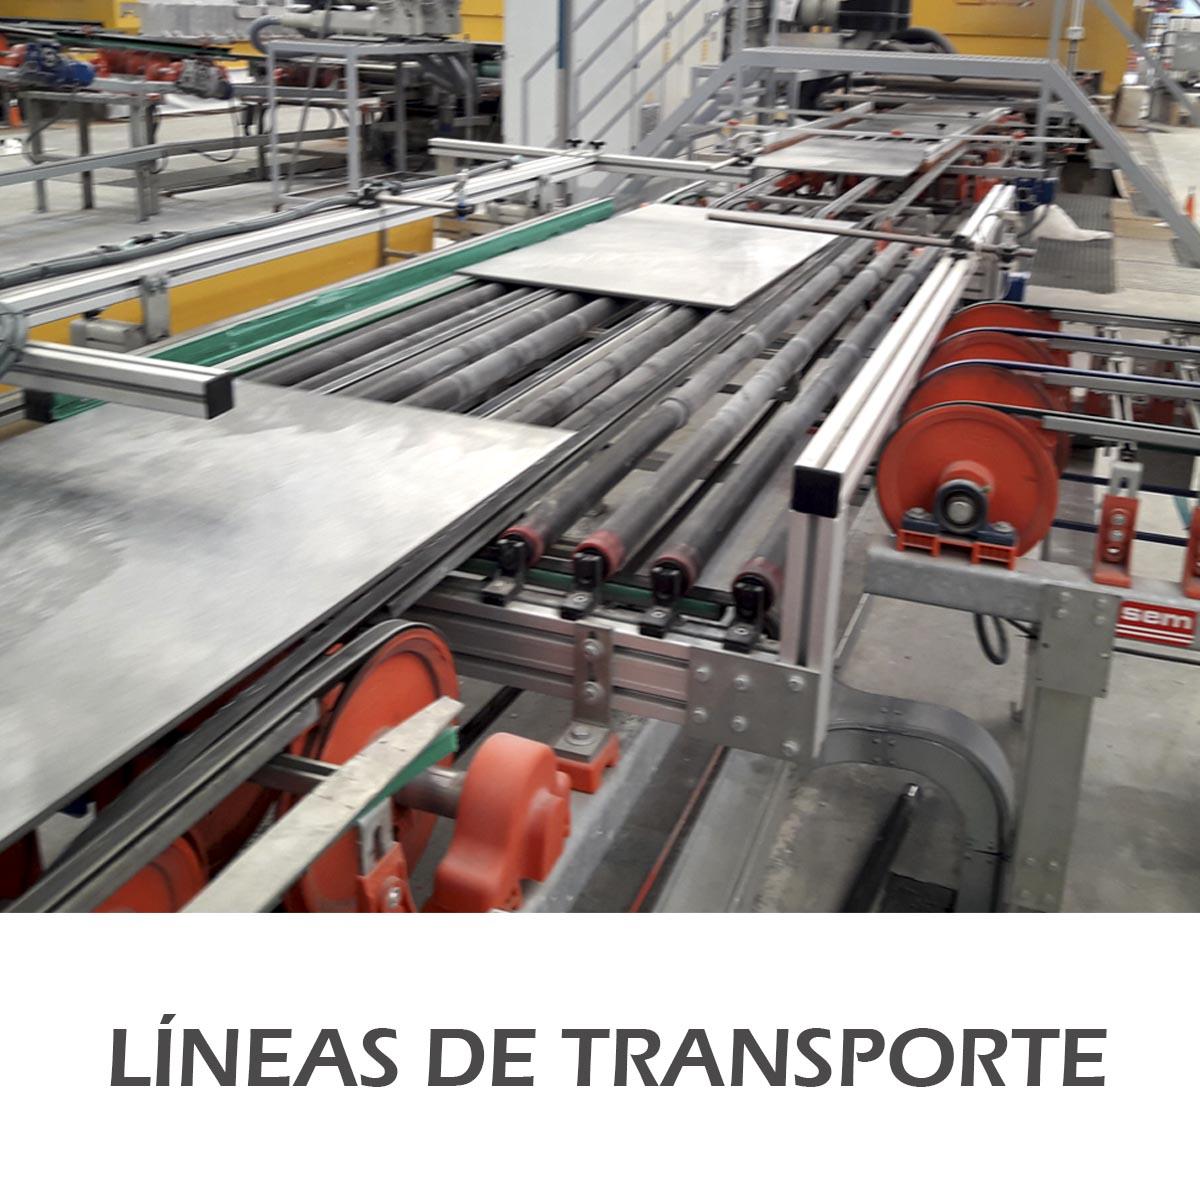 maquinaria-cerámica-lineas-transporte-industria-SEM